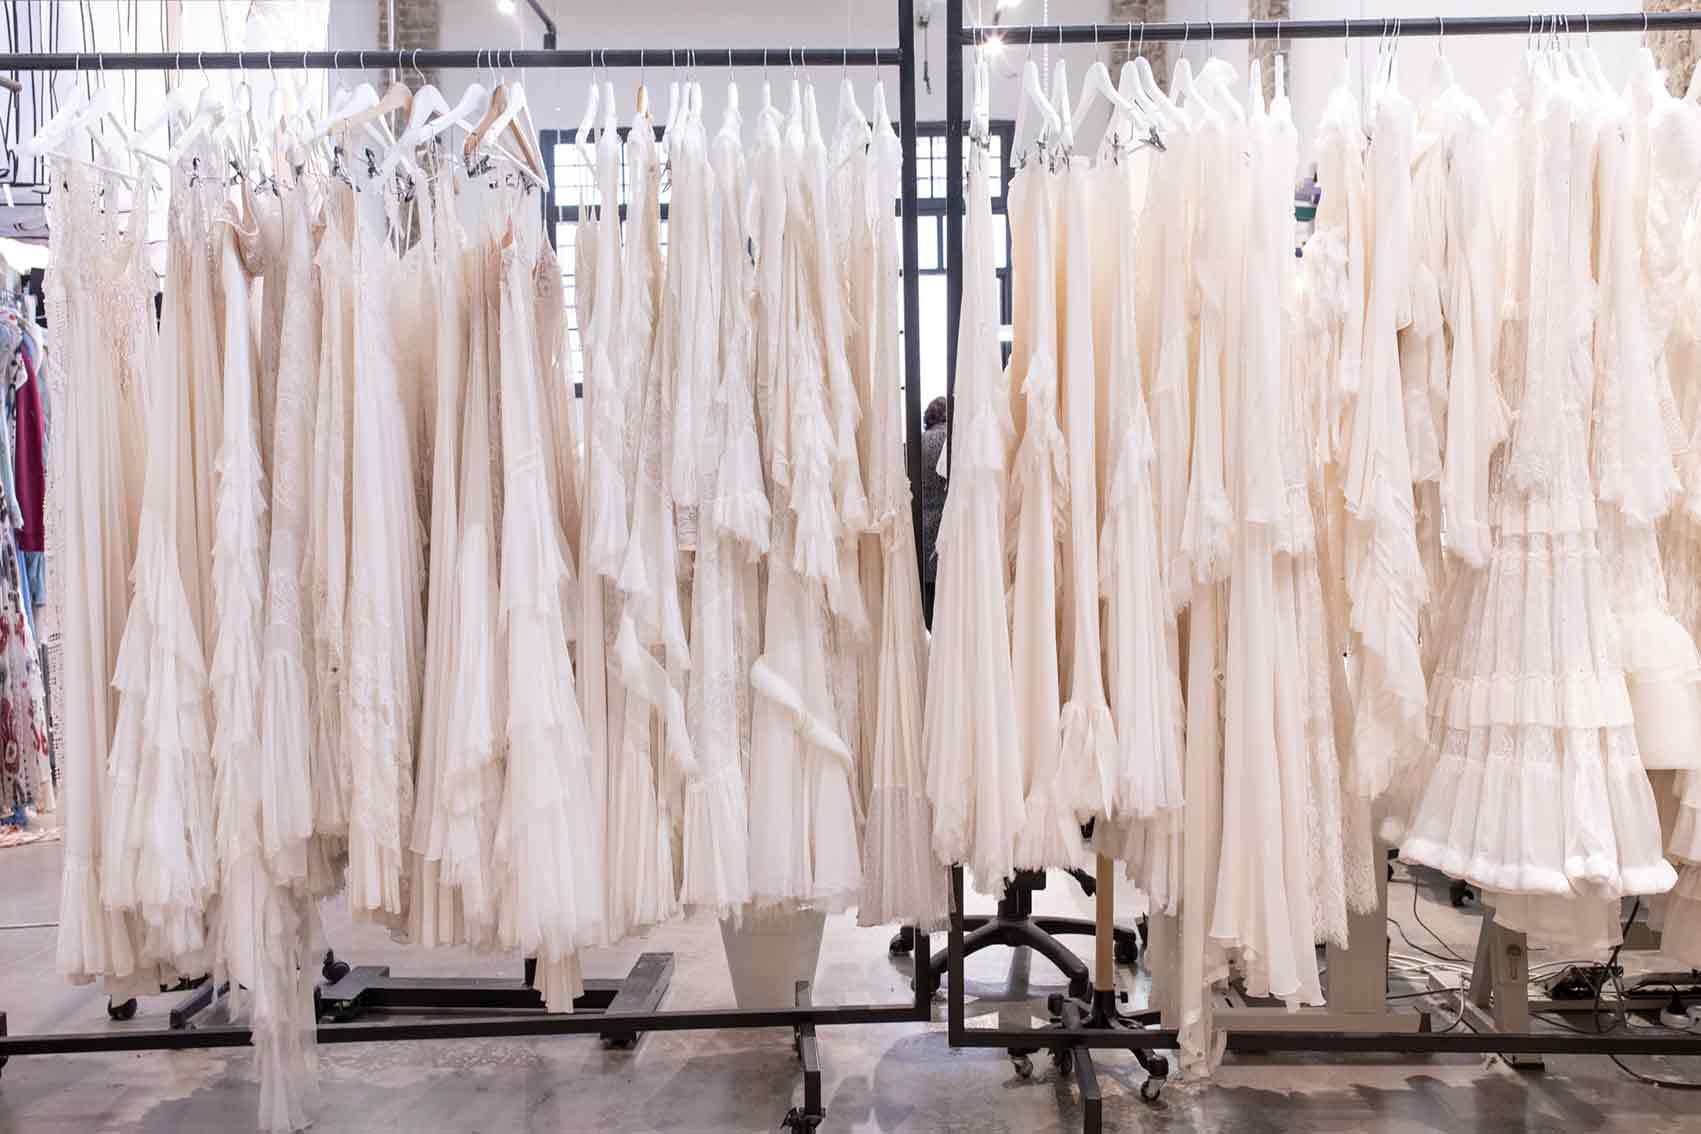 אופנה- ויוי בלאיש, צילום: שלי פדן-לורבר-כתבות אופנה